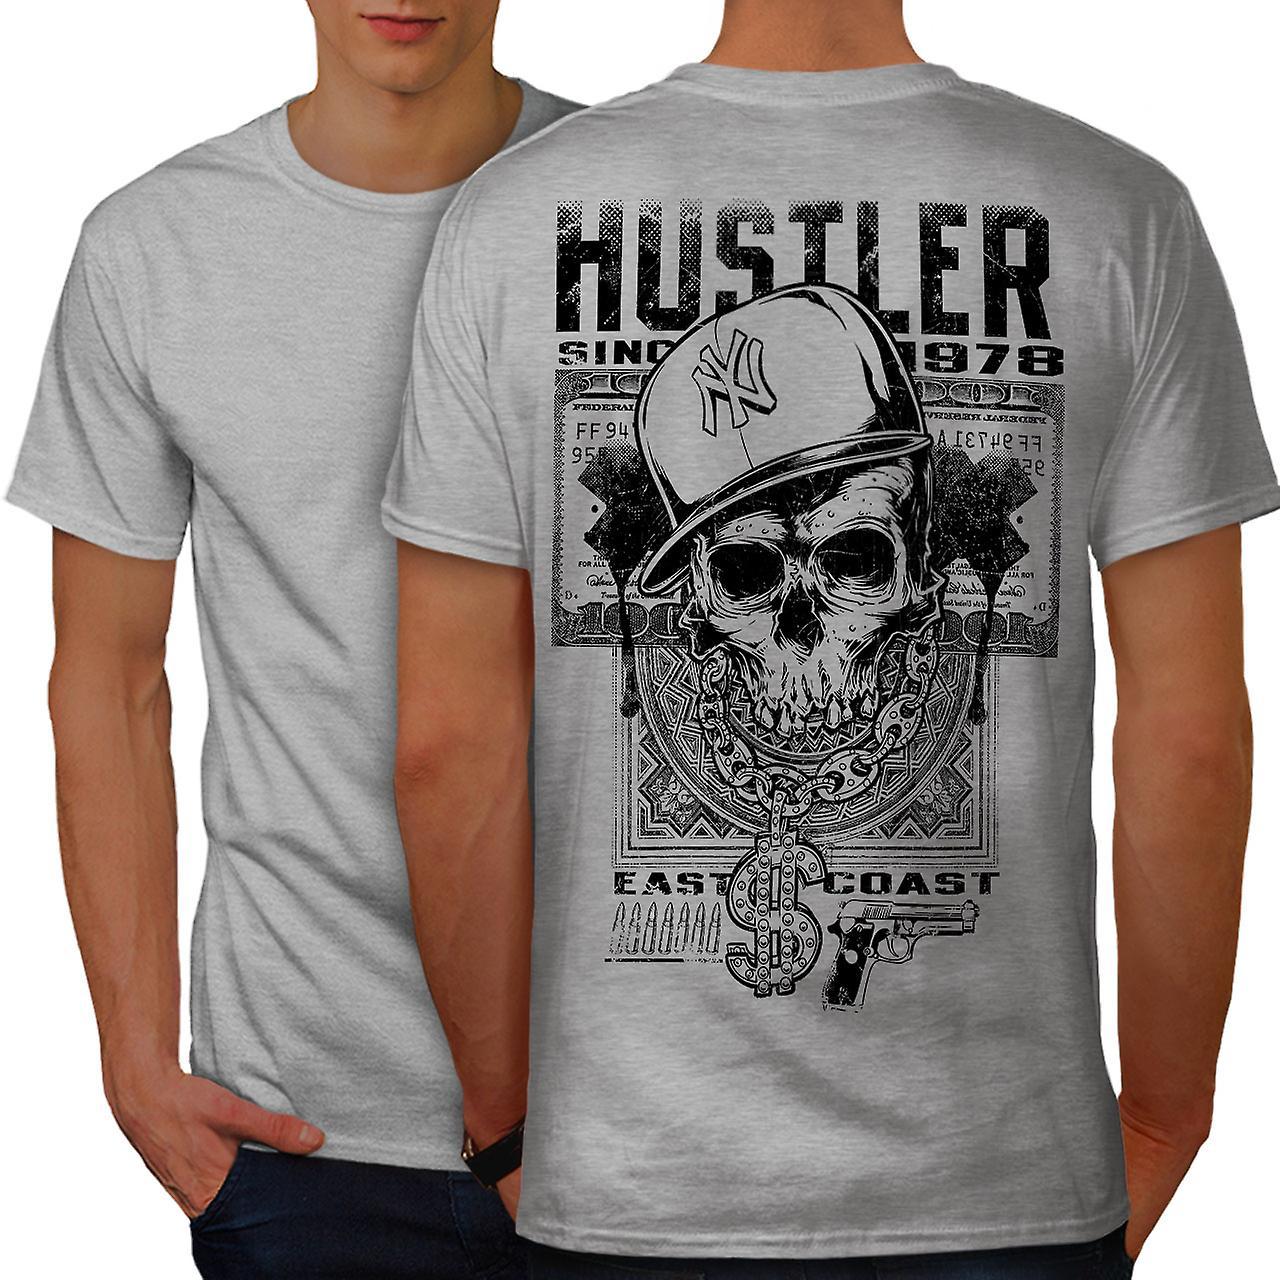 Hustler chelsea pics